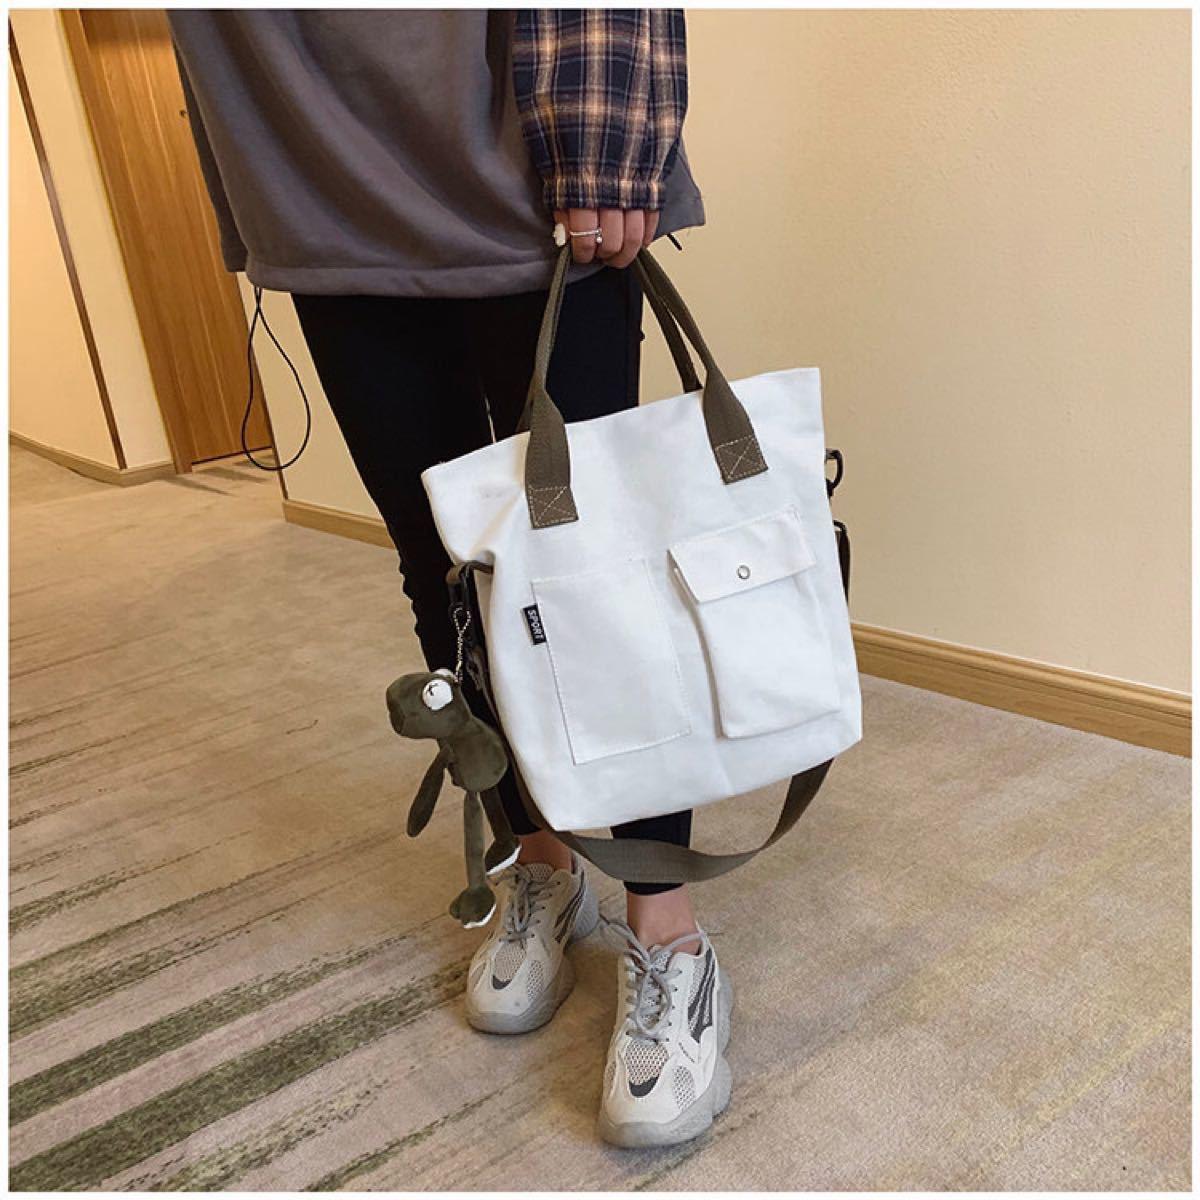 トートバッグ ショルダーバッグ 2wayバッグ 手提げバッグ ※チャームなし